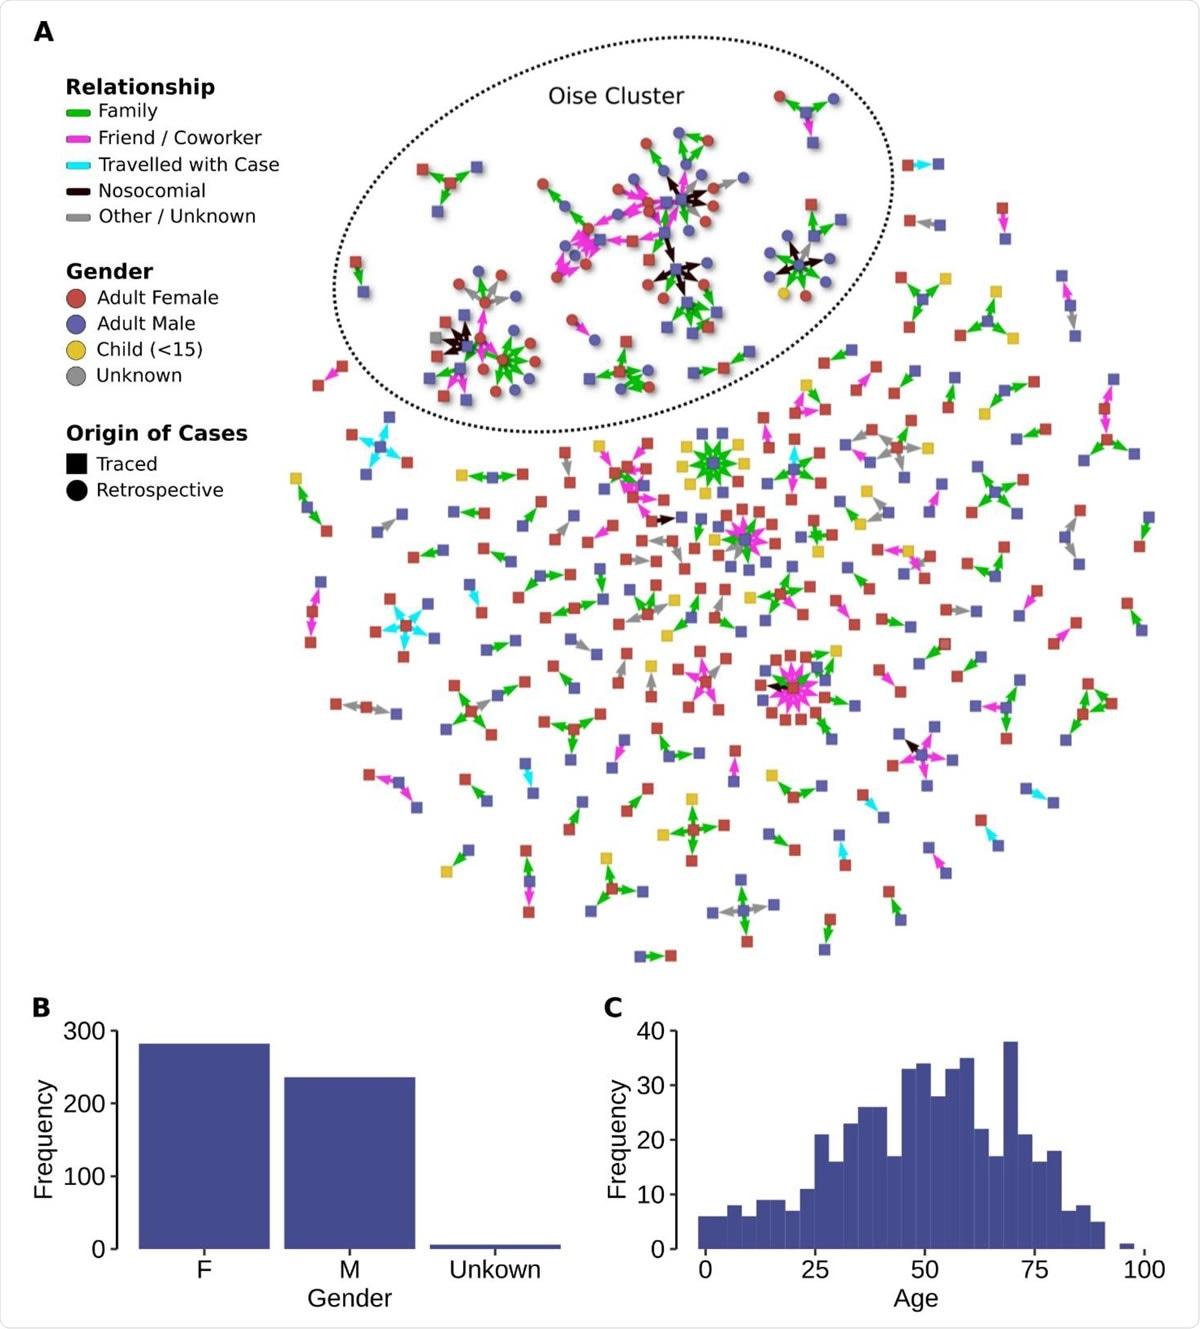 Cadenas de transmisión.  (A) Cadenas de transmisión observadas.  Solo están representados los casos confirmados / contactos involucrados en una cadena con al menos un caso confirmado.  (B) Distribución del sexo.  (C) Distribución de edad.